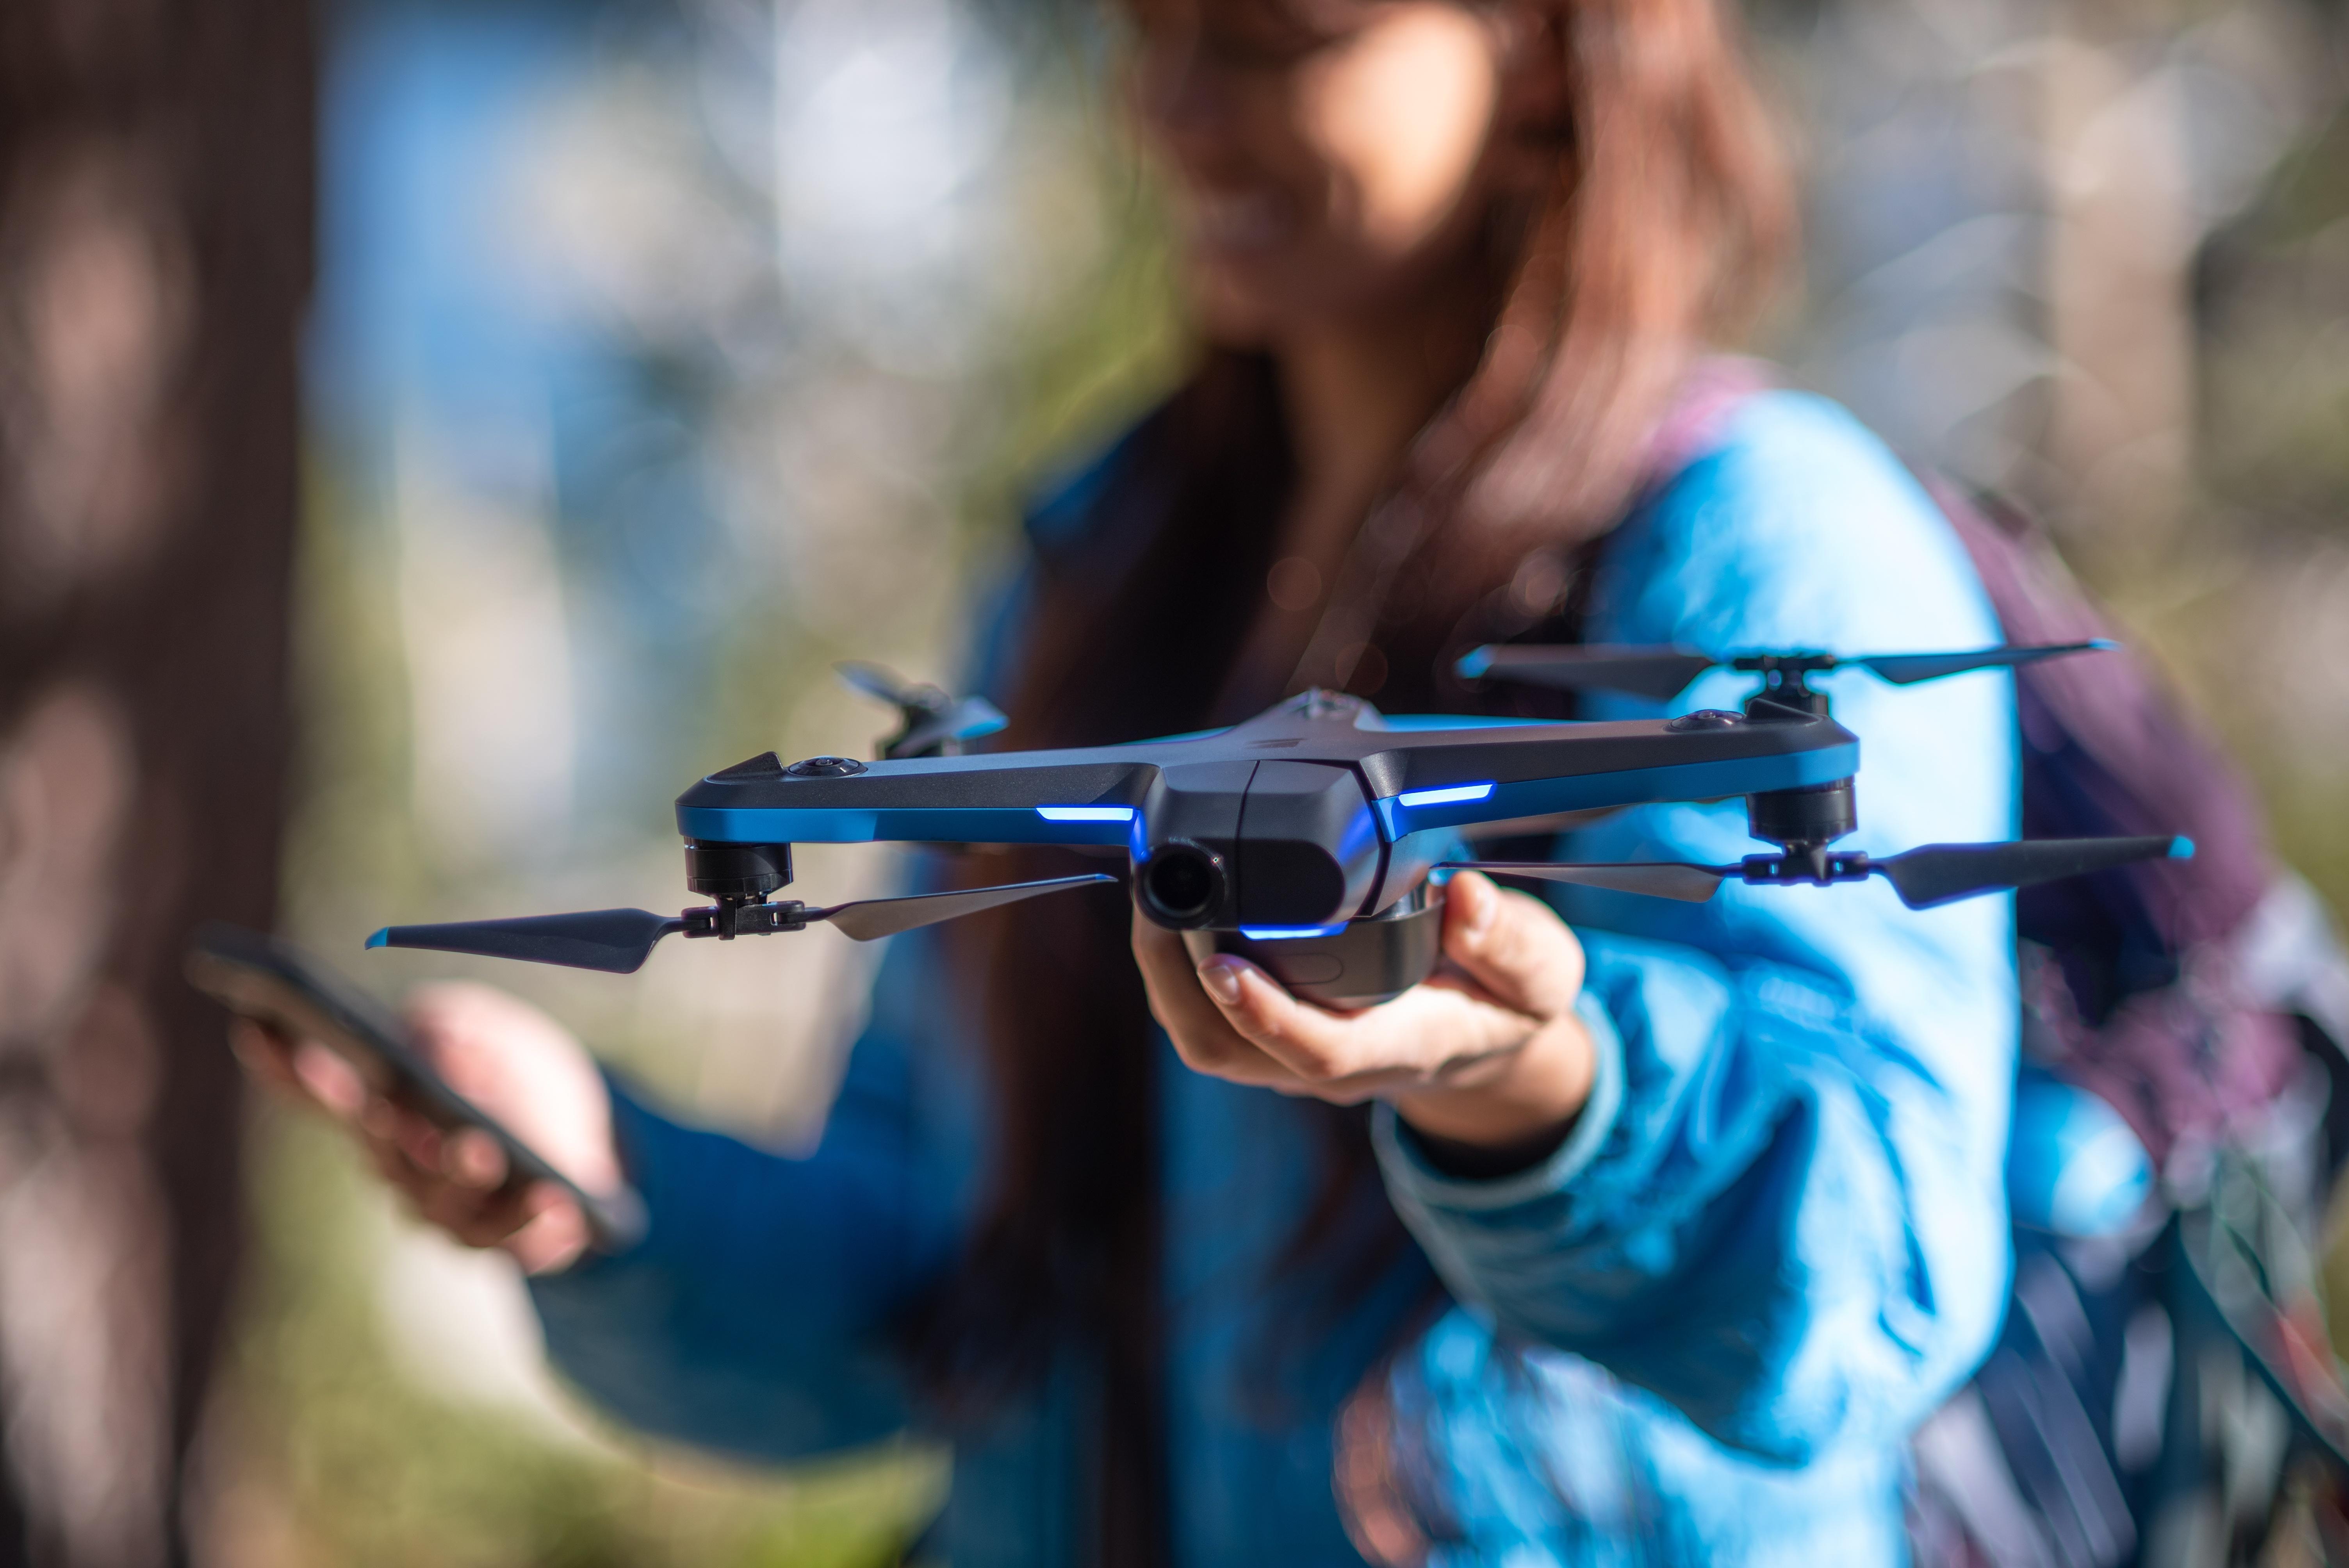 Nowy dron od Skydio jest mniejszy, inteligentniejszy i łatwo dostępny